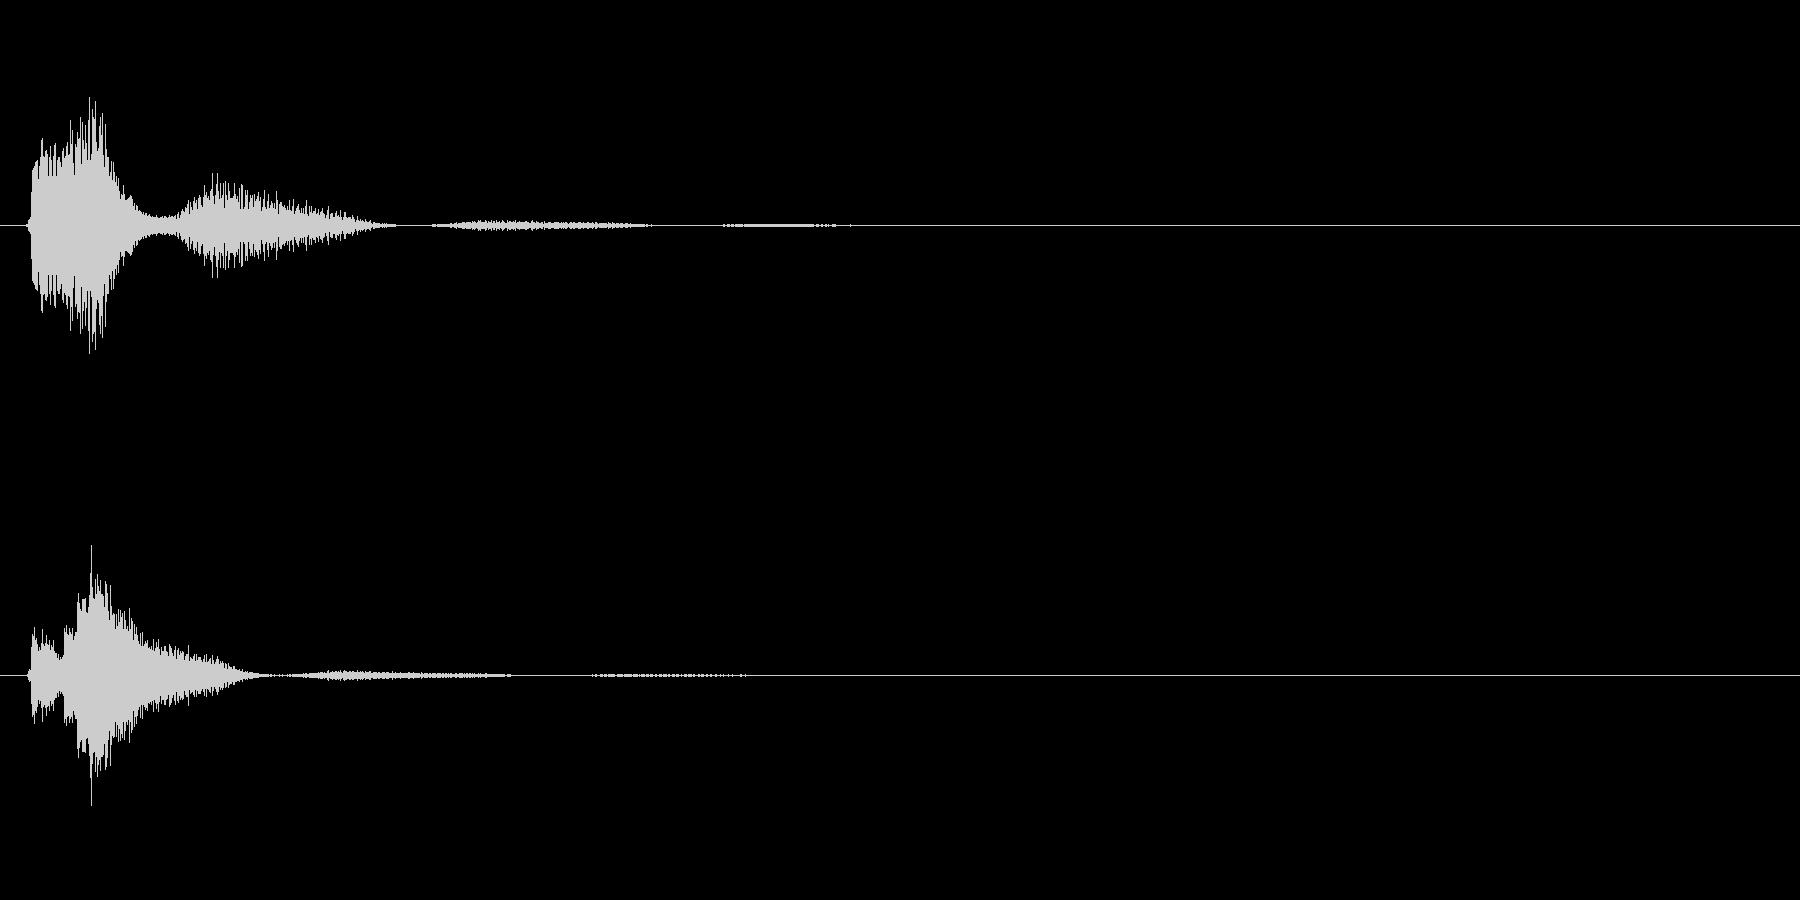 キラキラ系_081の未再生の波形